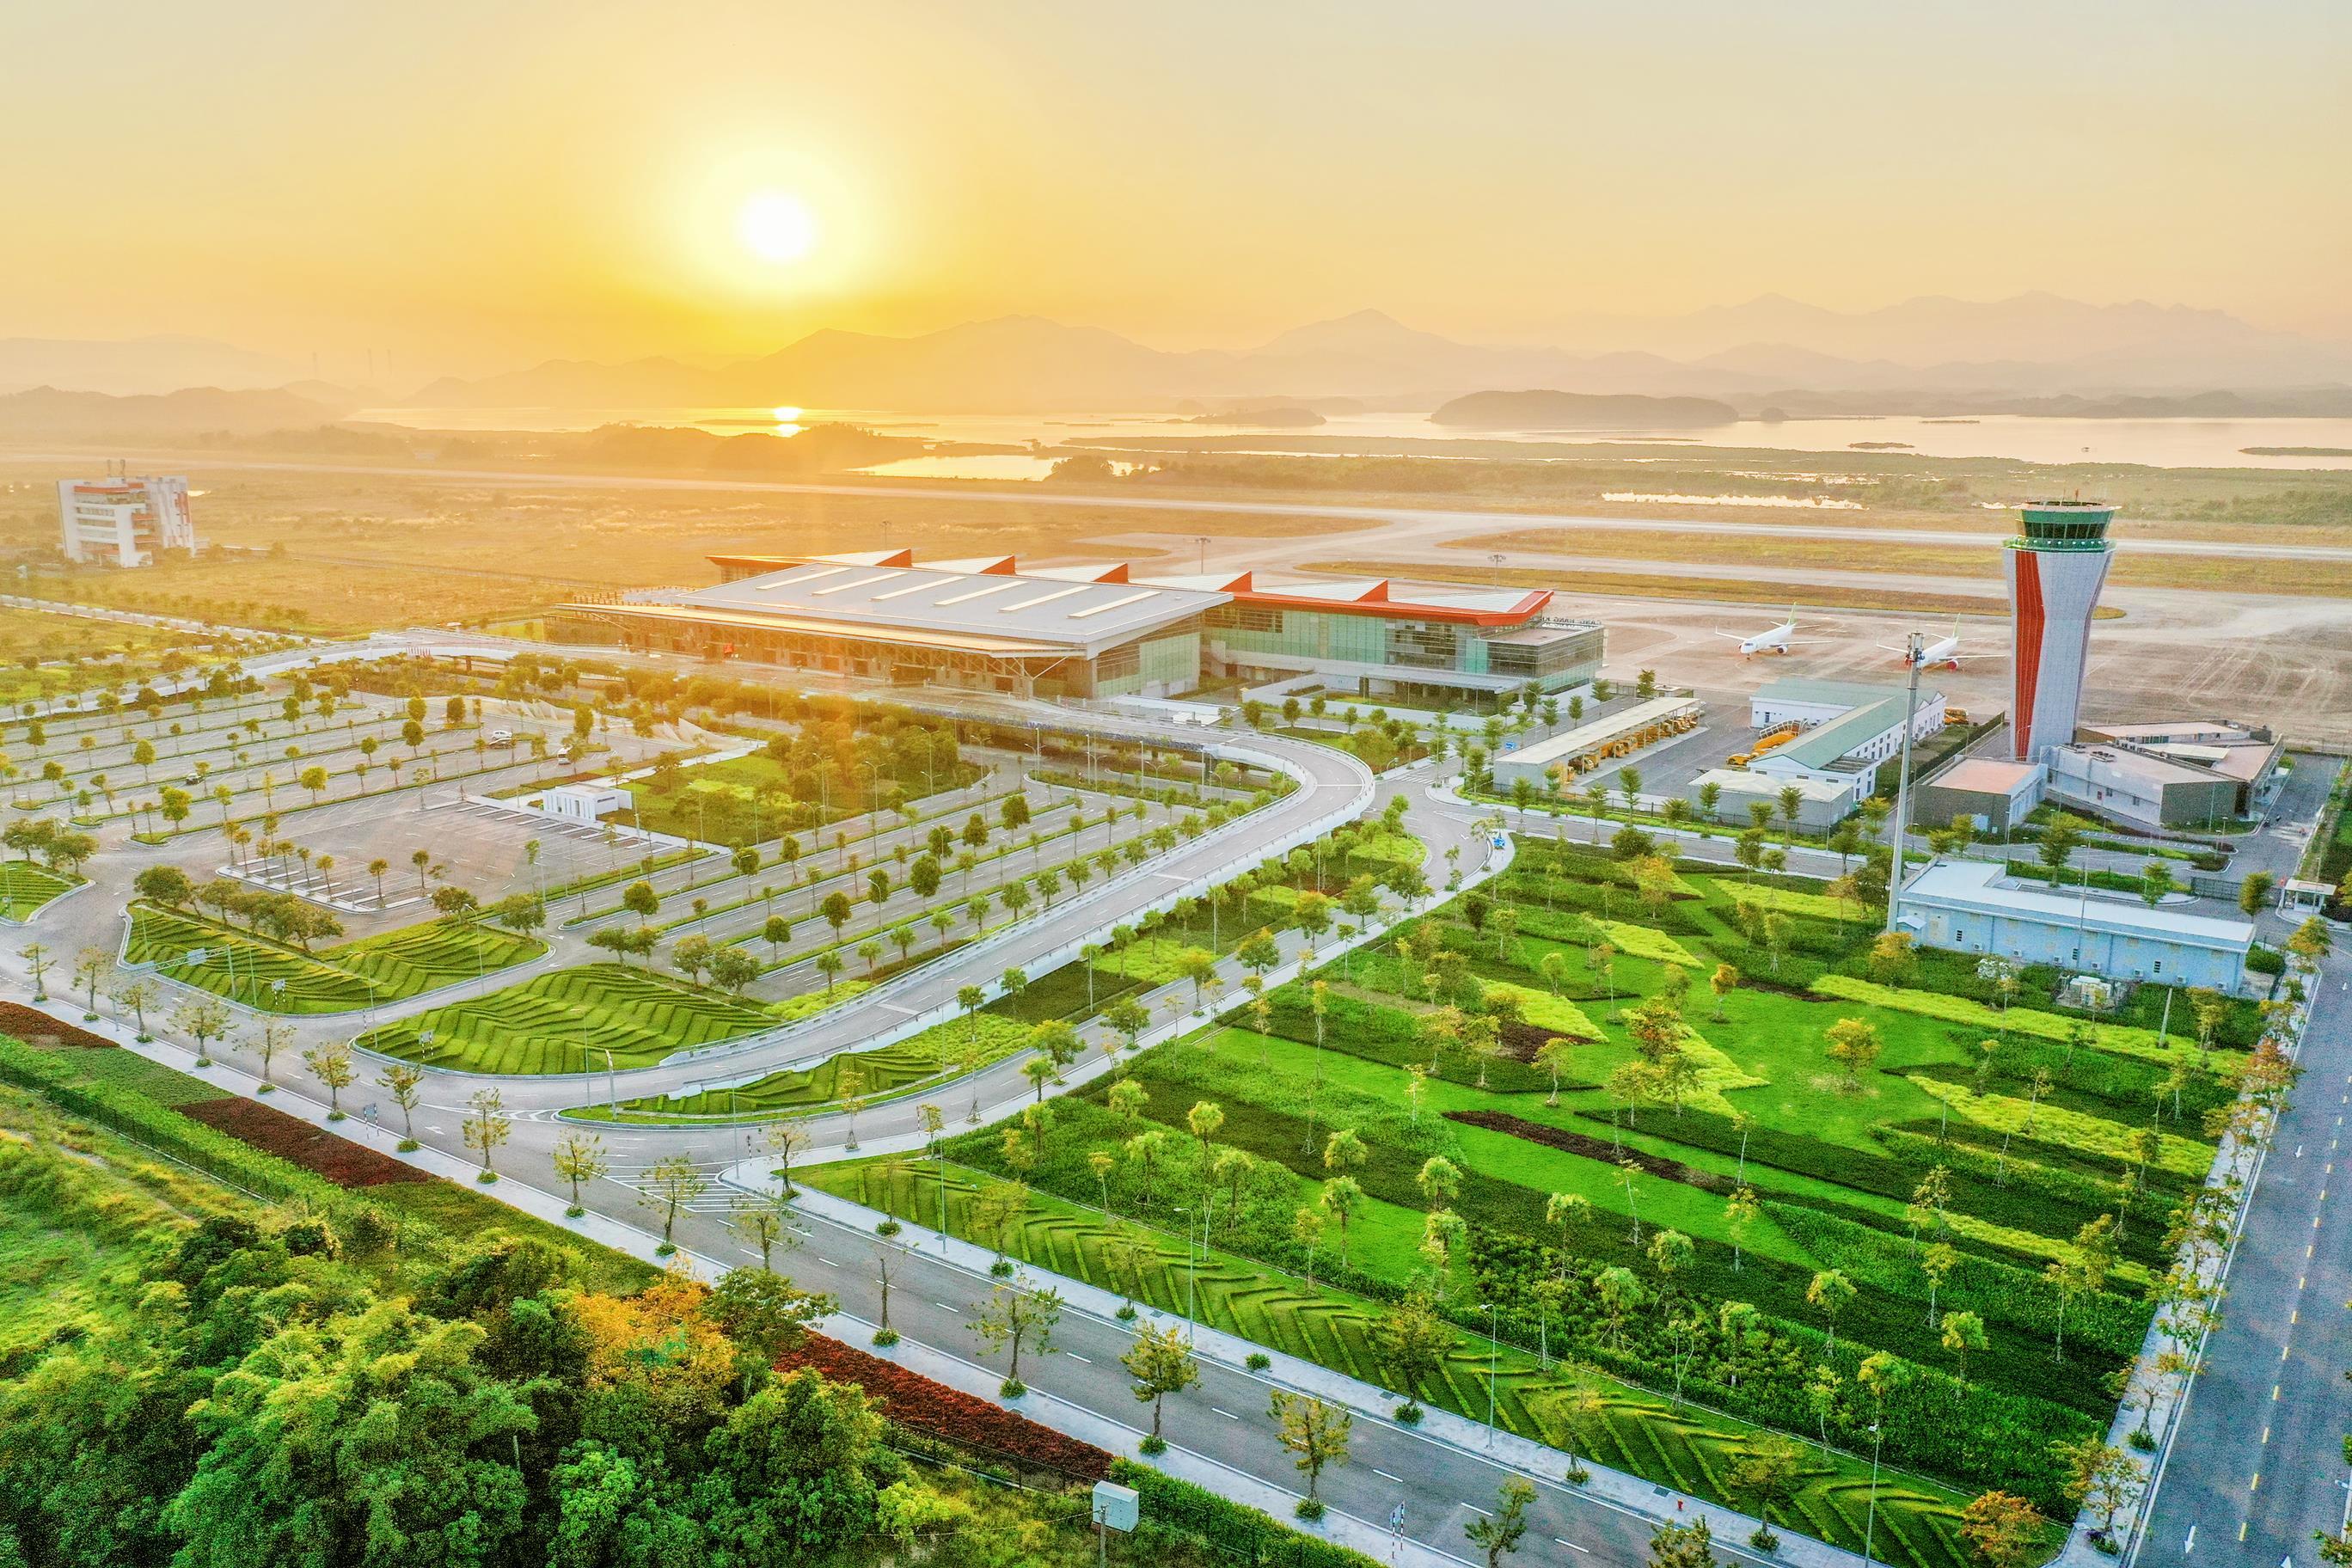 Hệ thống công nghệ tại sân bay hiện đại nhất Việt Nam có gì? 13